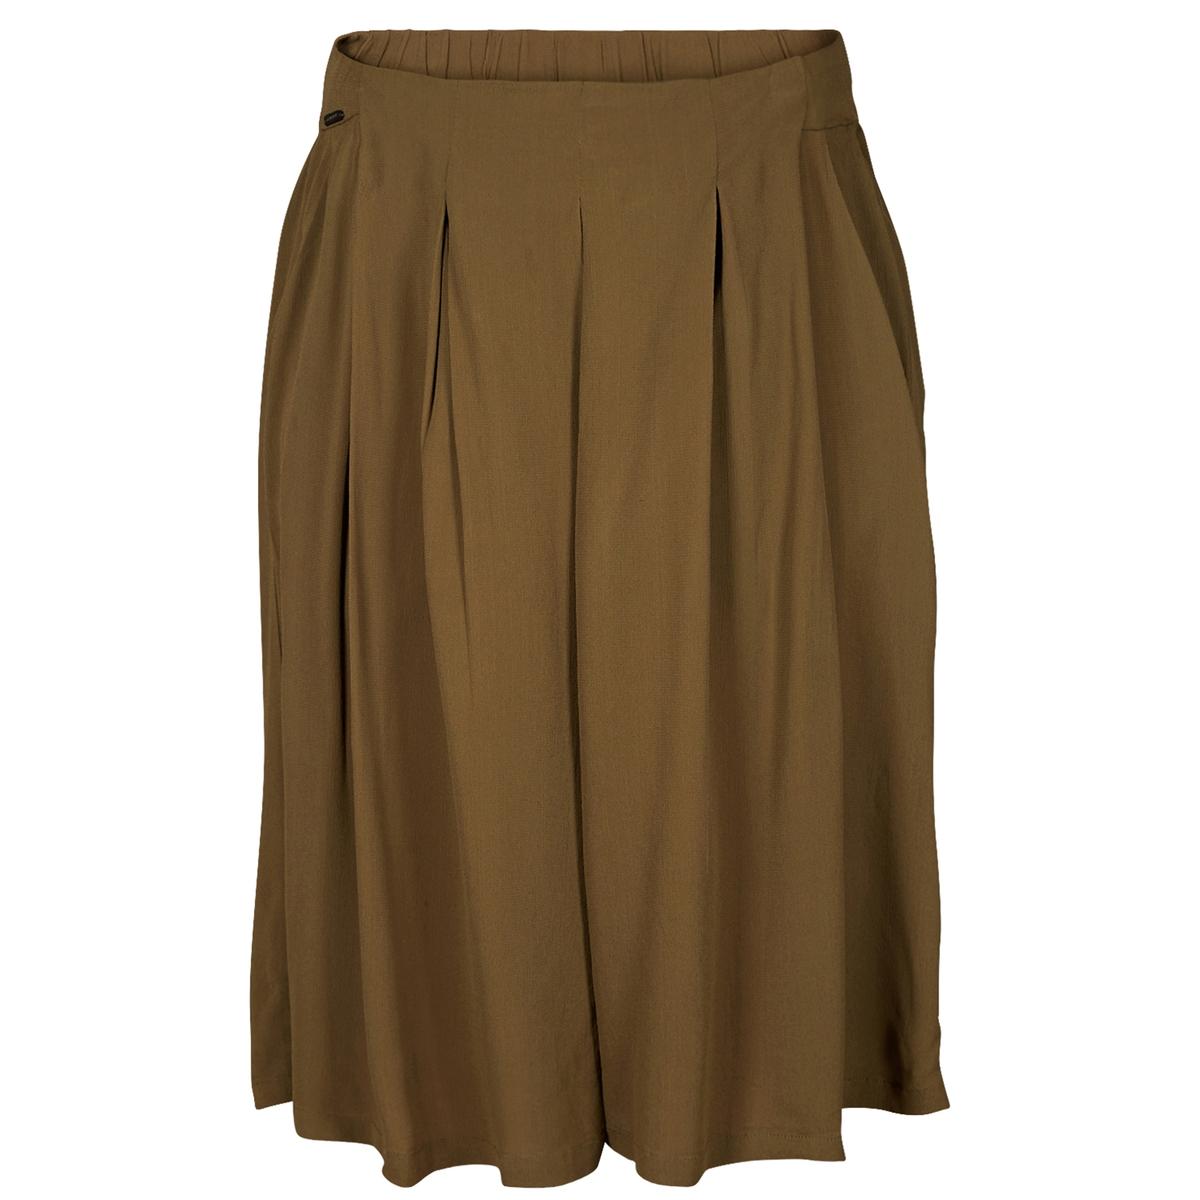 Юбка-шорты струящаясяМатериал : 100% вискоза  Рисунок : Однотонная модель Длина юбки :укороченная модель<br><br>Цвет: хаки<br>Размер: 36 (FR) - 42 (RUS).40 (FR) - 46 (RUS)